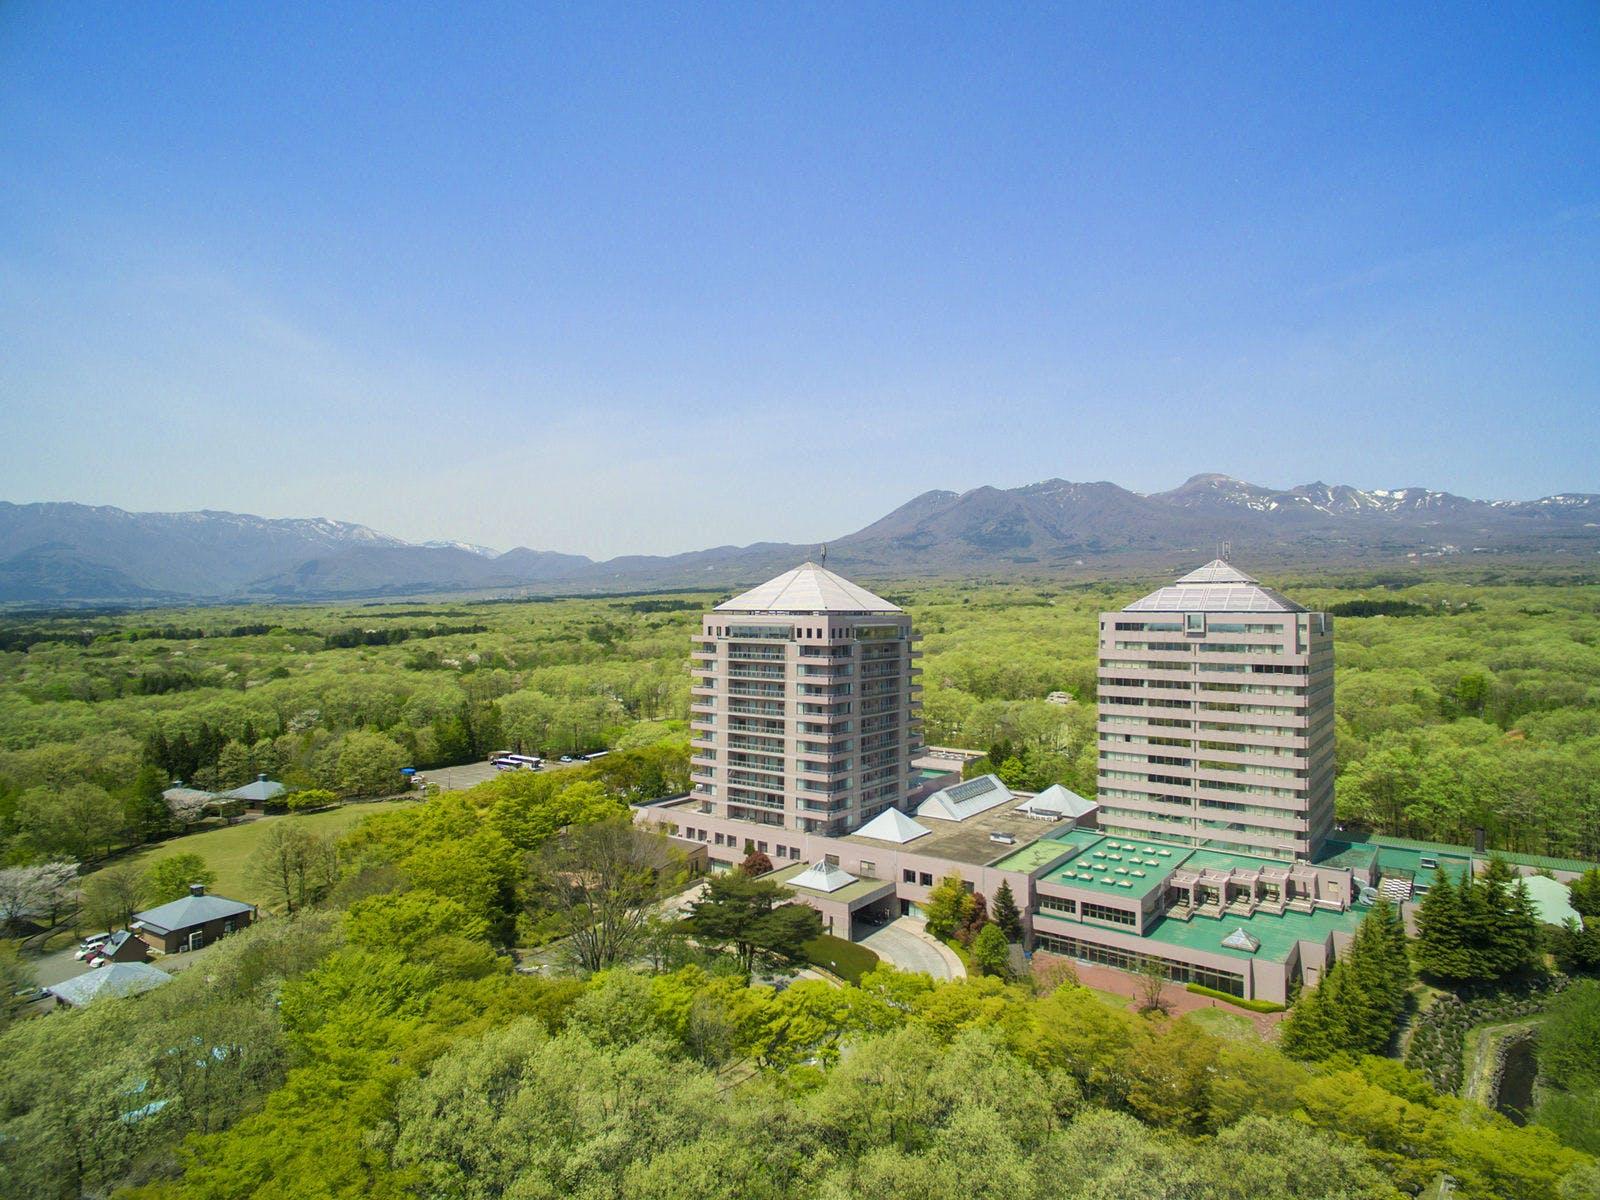 ホテルエピナール那須  那須高原随一の広さを誇る温泉大浴場&露天風呂! 写真1